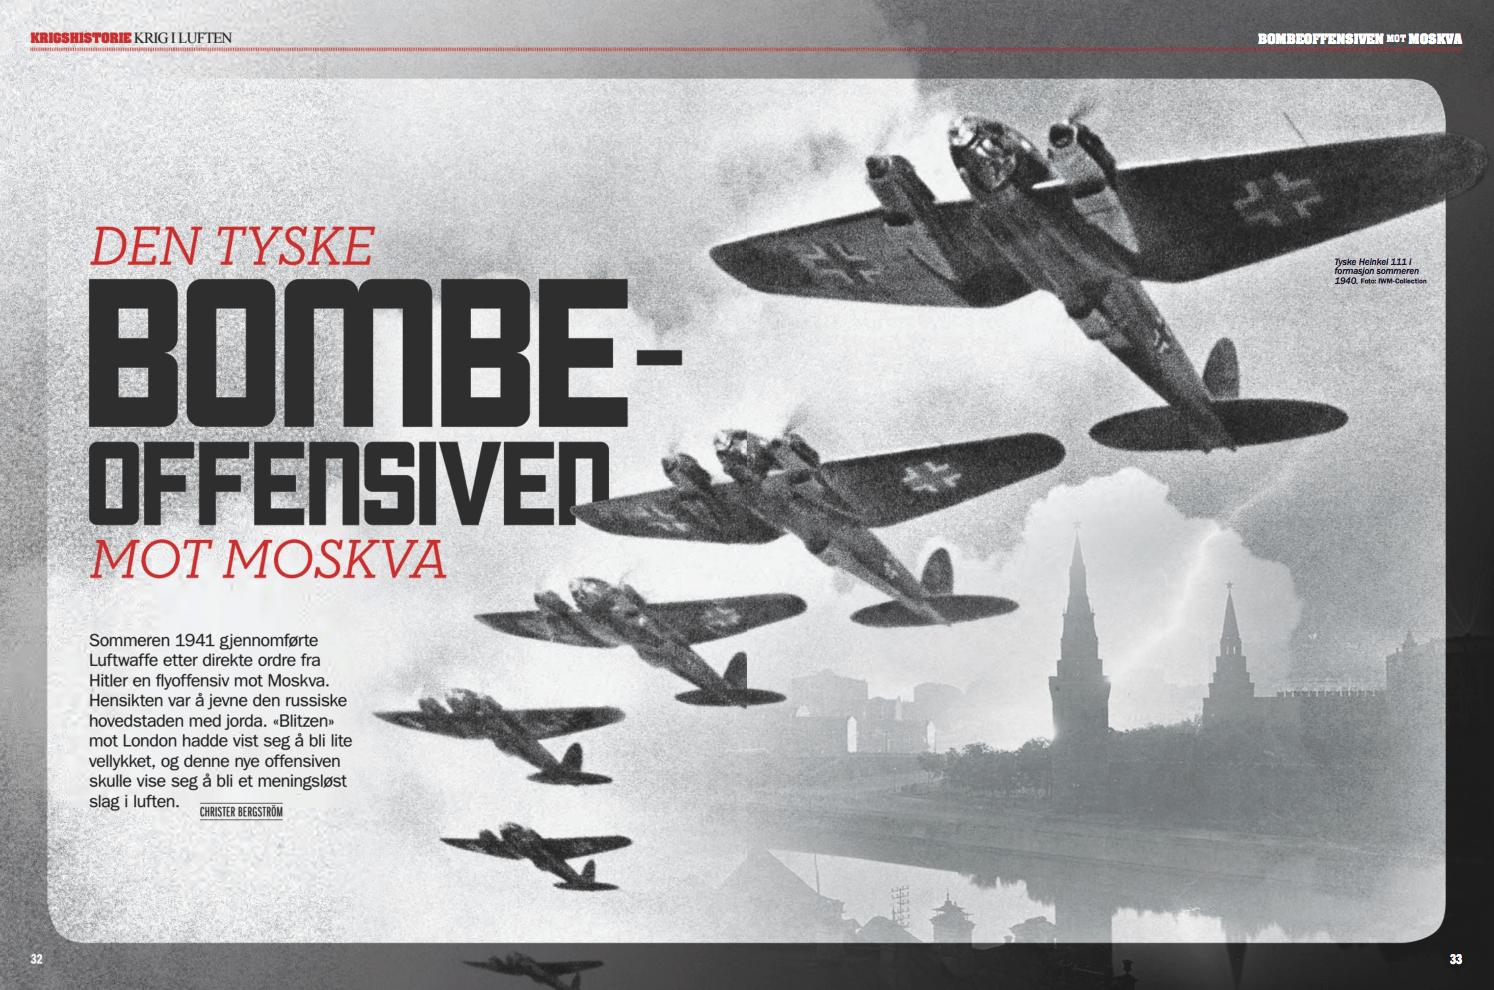 Luftkrig: den tyske bombeoffensiven mot Moskva, oppslag